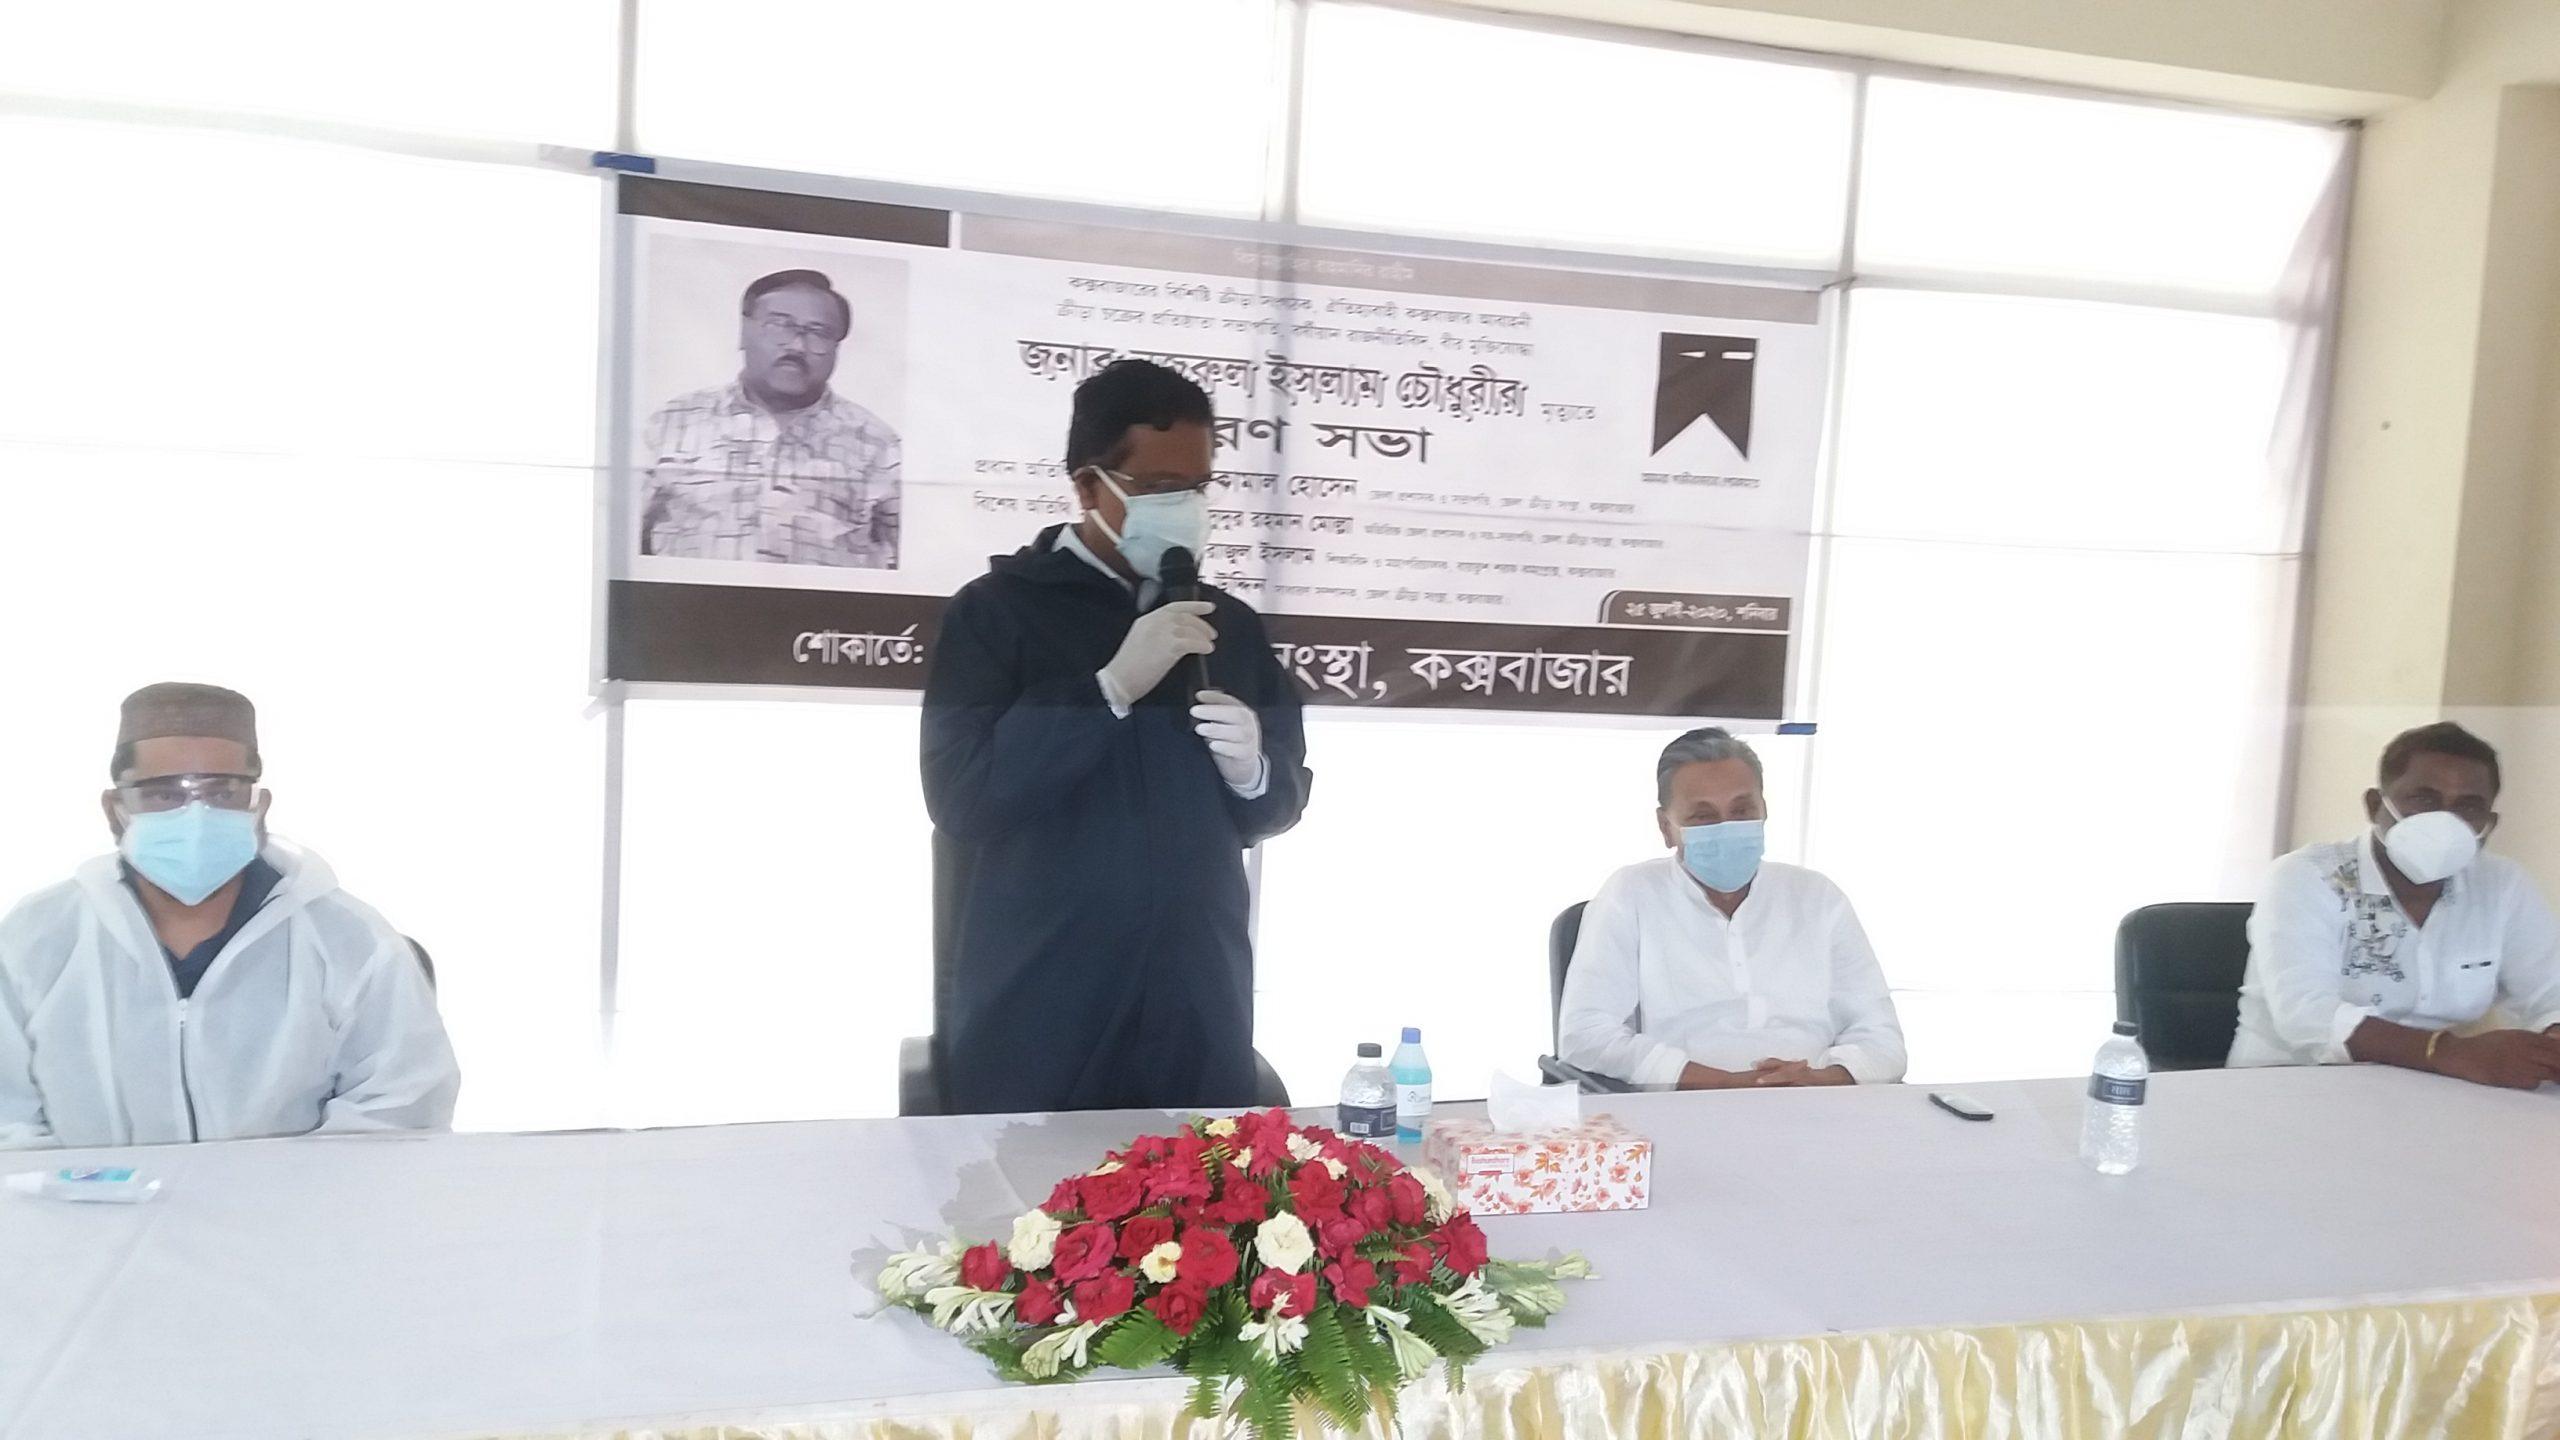 কক্সবাজারের ক্রীড়া উন্নয়নে নজরুল ইসলাম চৌ'র অবদান চীরস্বরনীয় থাকবে : শোক সভায় জেলা প্রশাসক